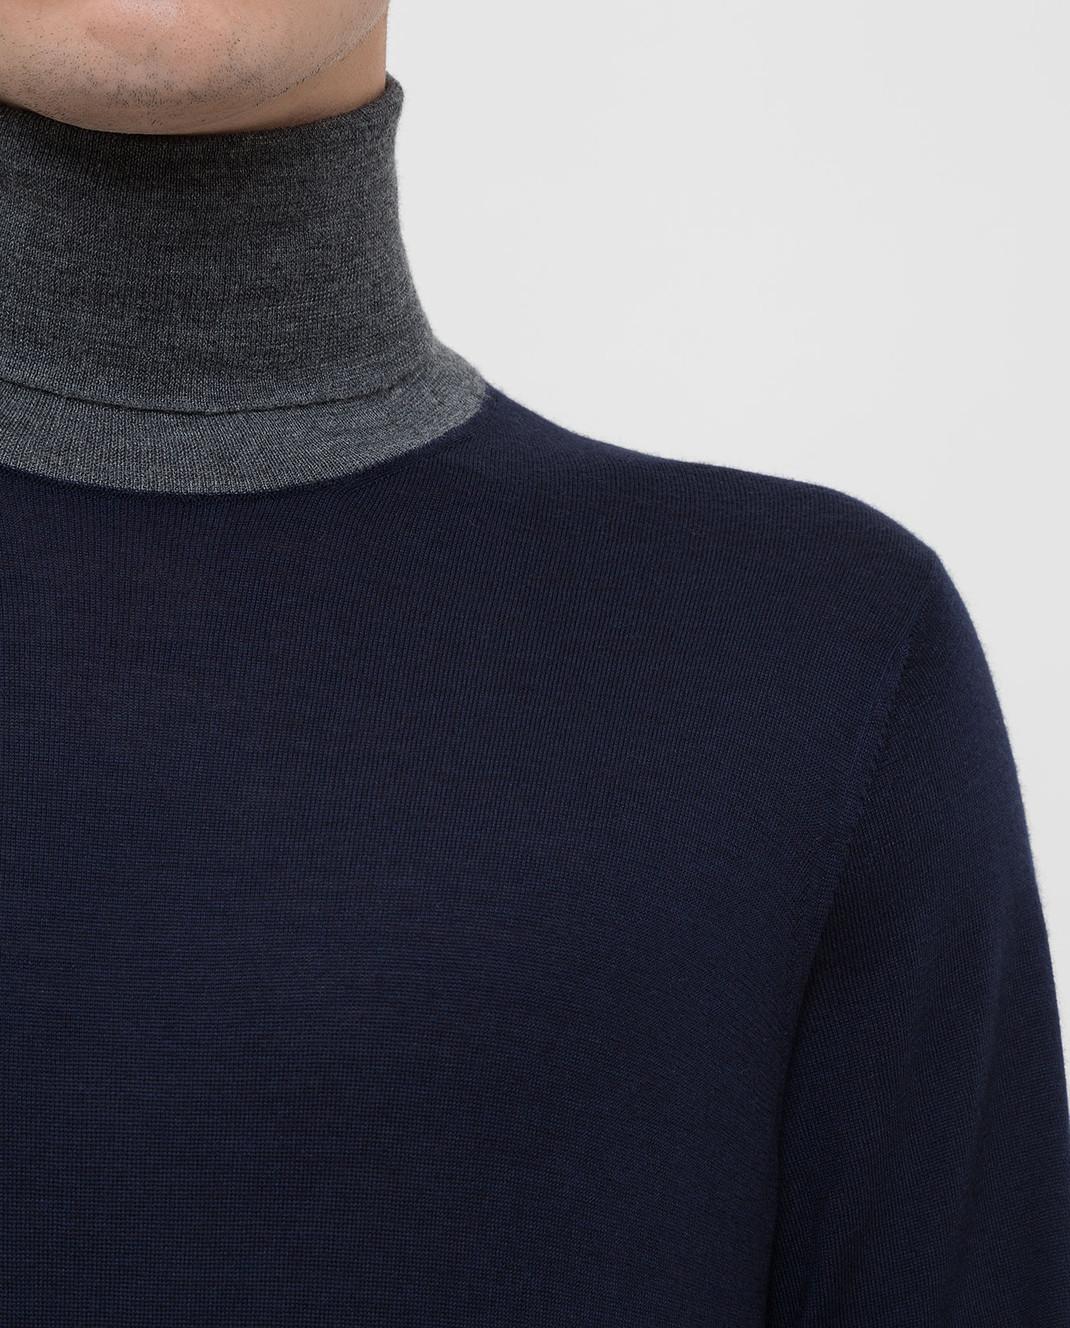 Brunello Cucinelli Темно-синий гольф из шерсти и кашемира M24801403 изображение 5